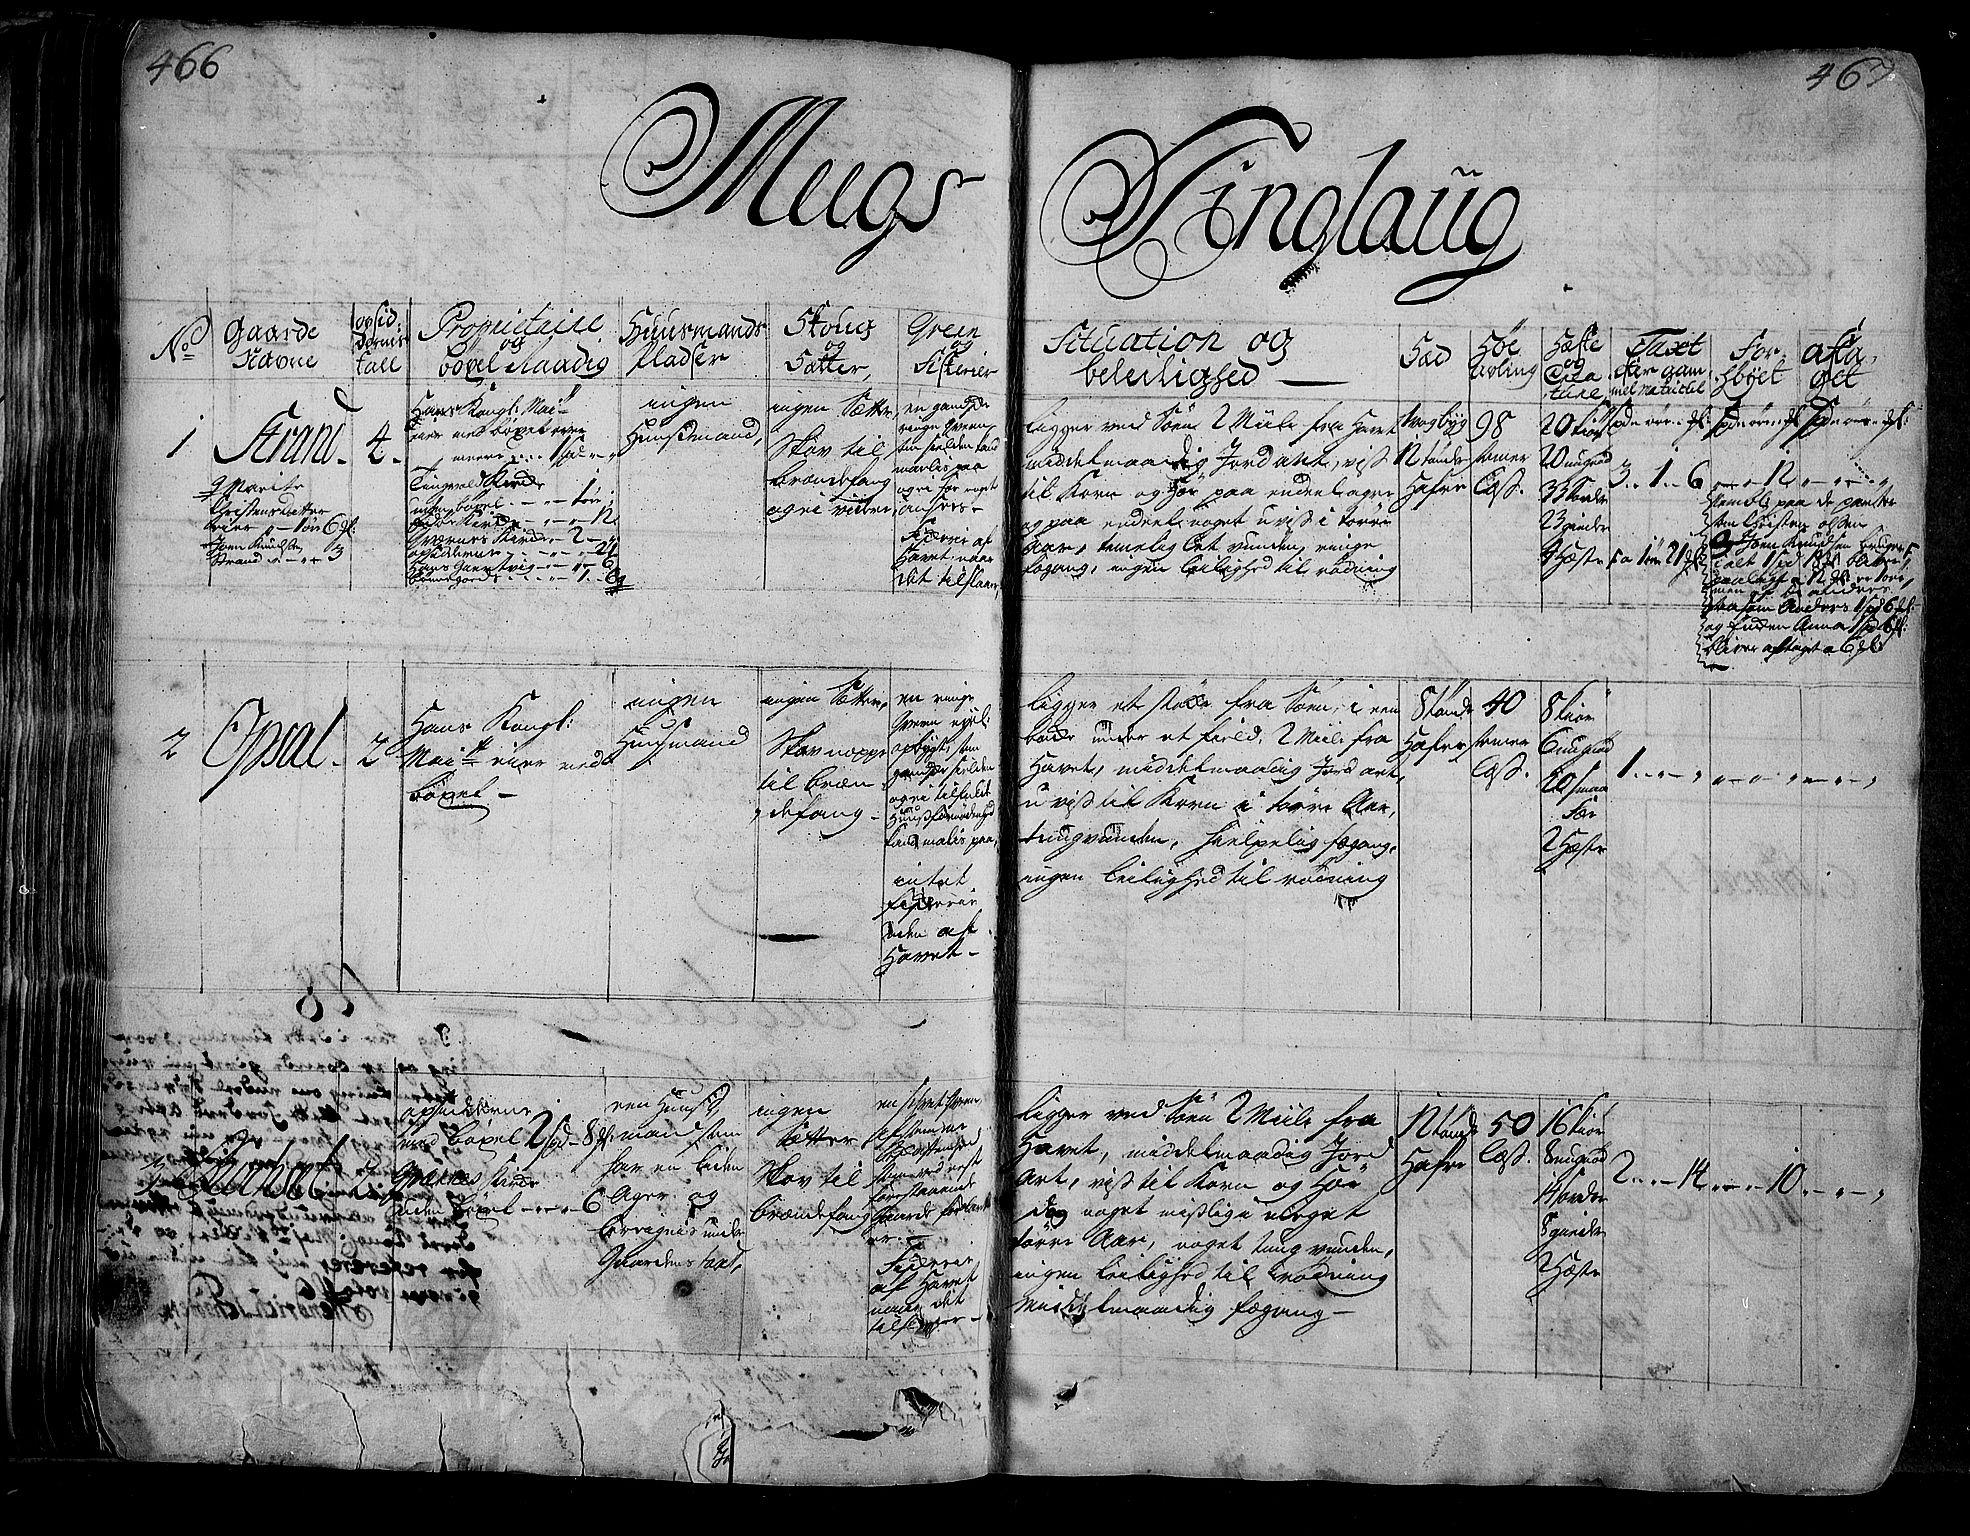 RA, Rentekammeret inntil 1814, Realistisk ordnet avdeling, N/Nb/Nbf/L0154: Nordmøre eksaminasjonsprotokoll, 1721-1723, s. 466-467